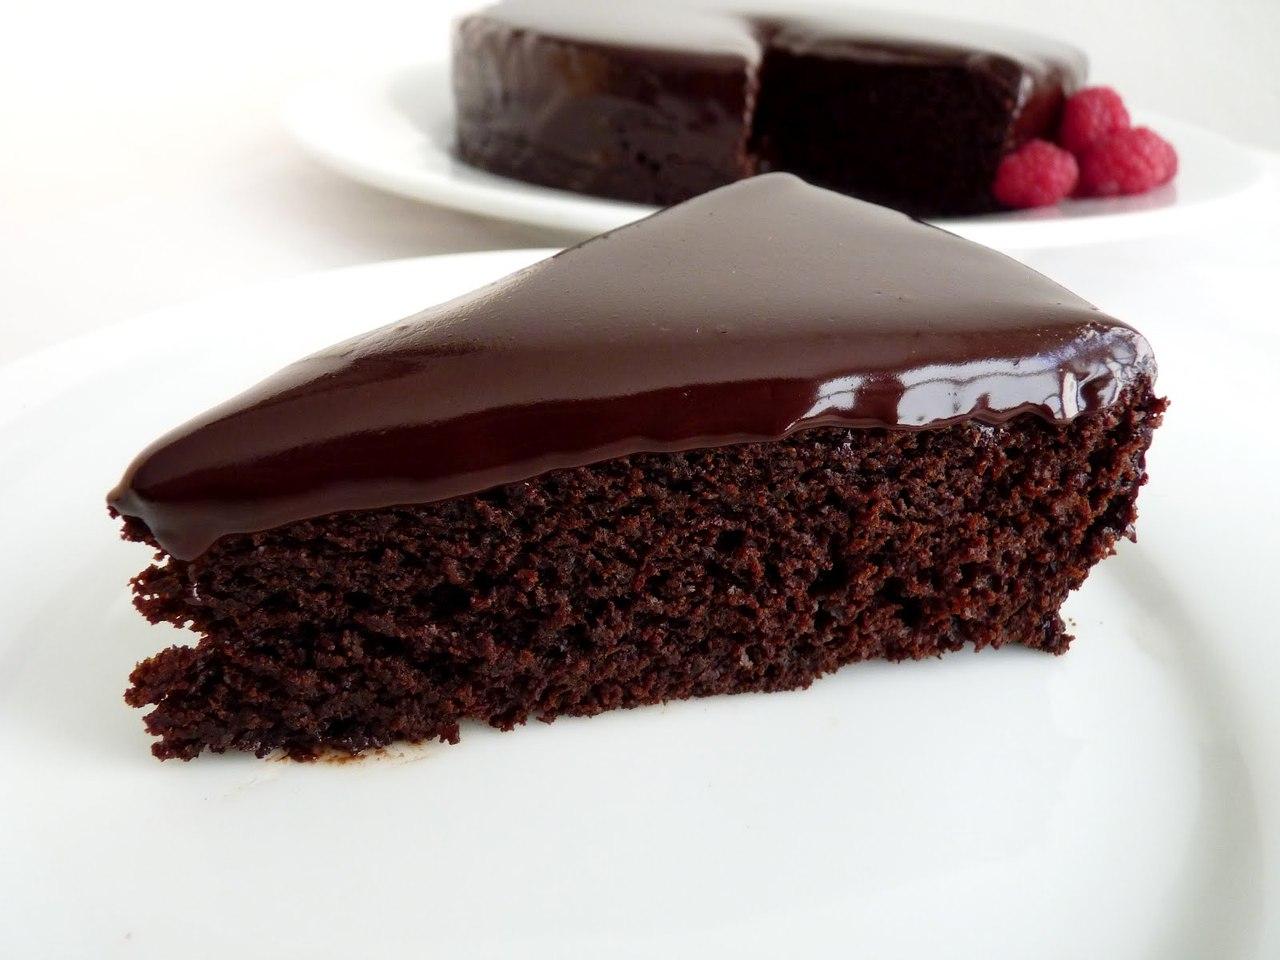 шоколадный кекс пошаговый рецепт с фото без яиц